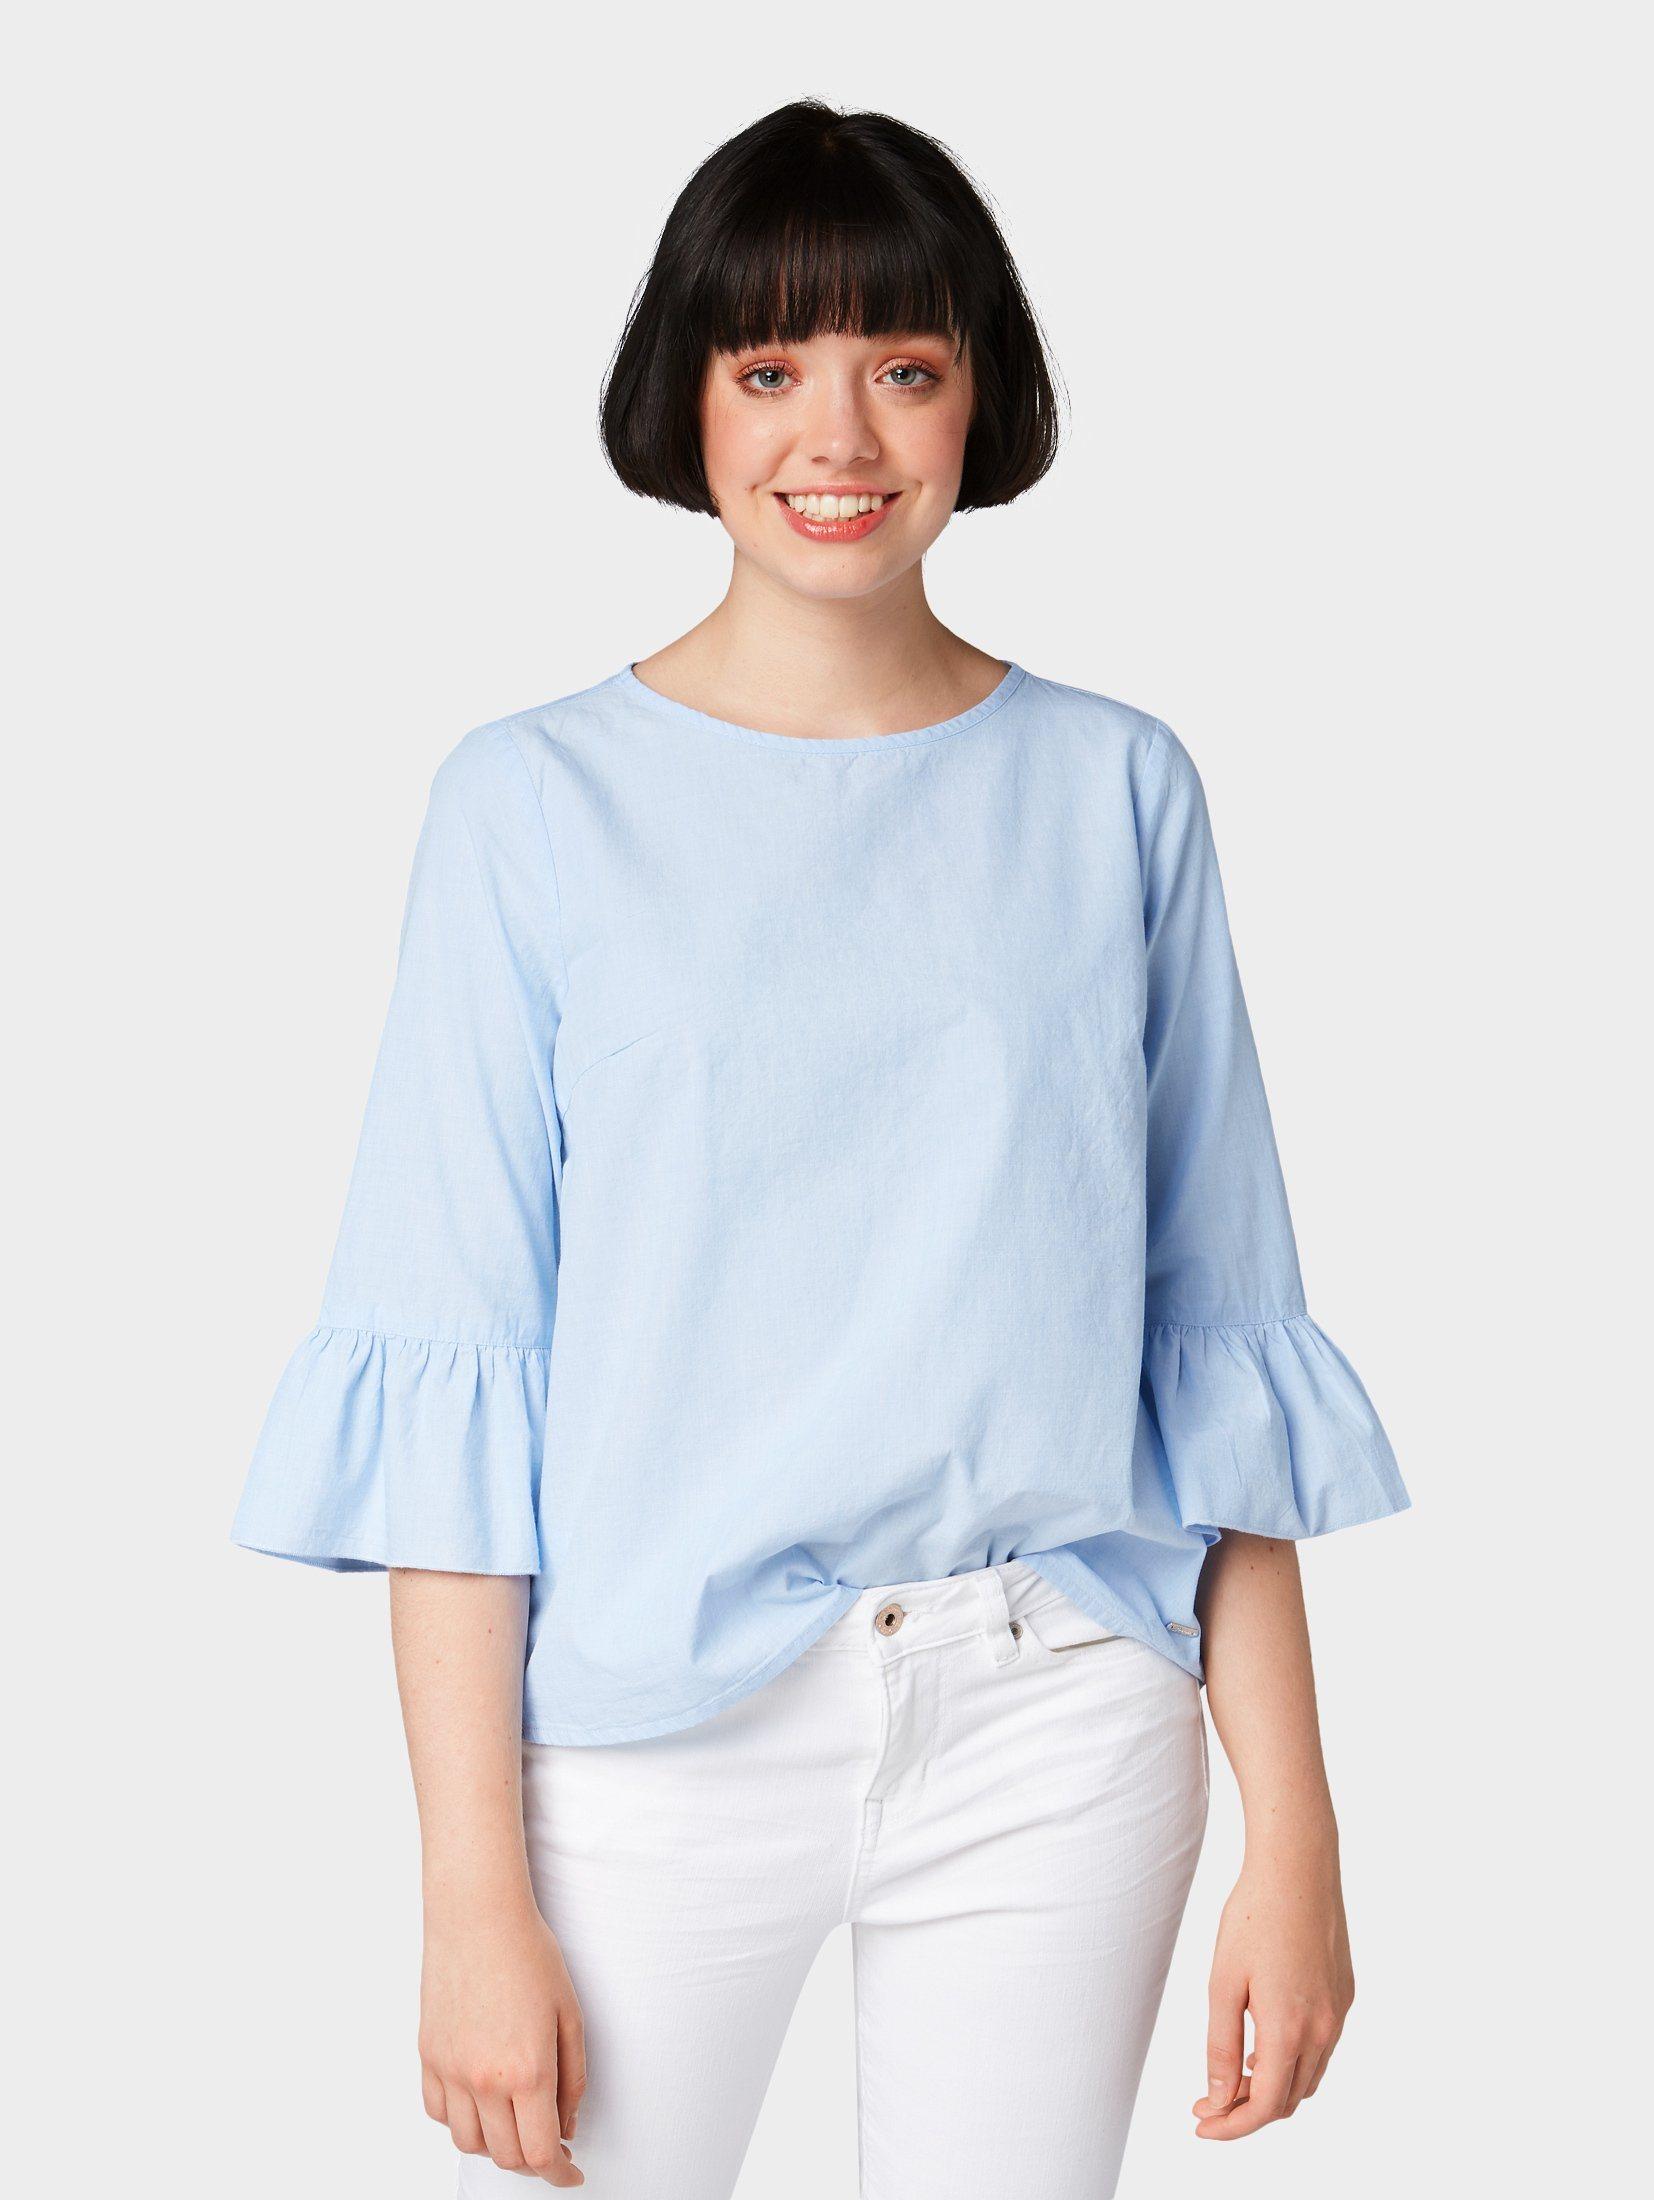 Tom Tailor Denim Shirtbluse »Tunika mit Volantärmeln« | Bekleidung > Tuniken > Sonstige Tuniken | Tom Tailor Denim